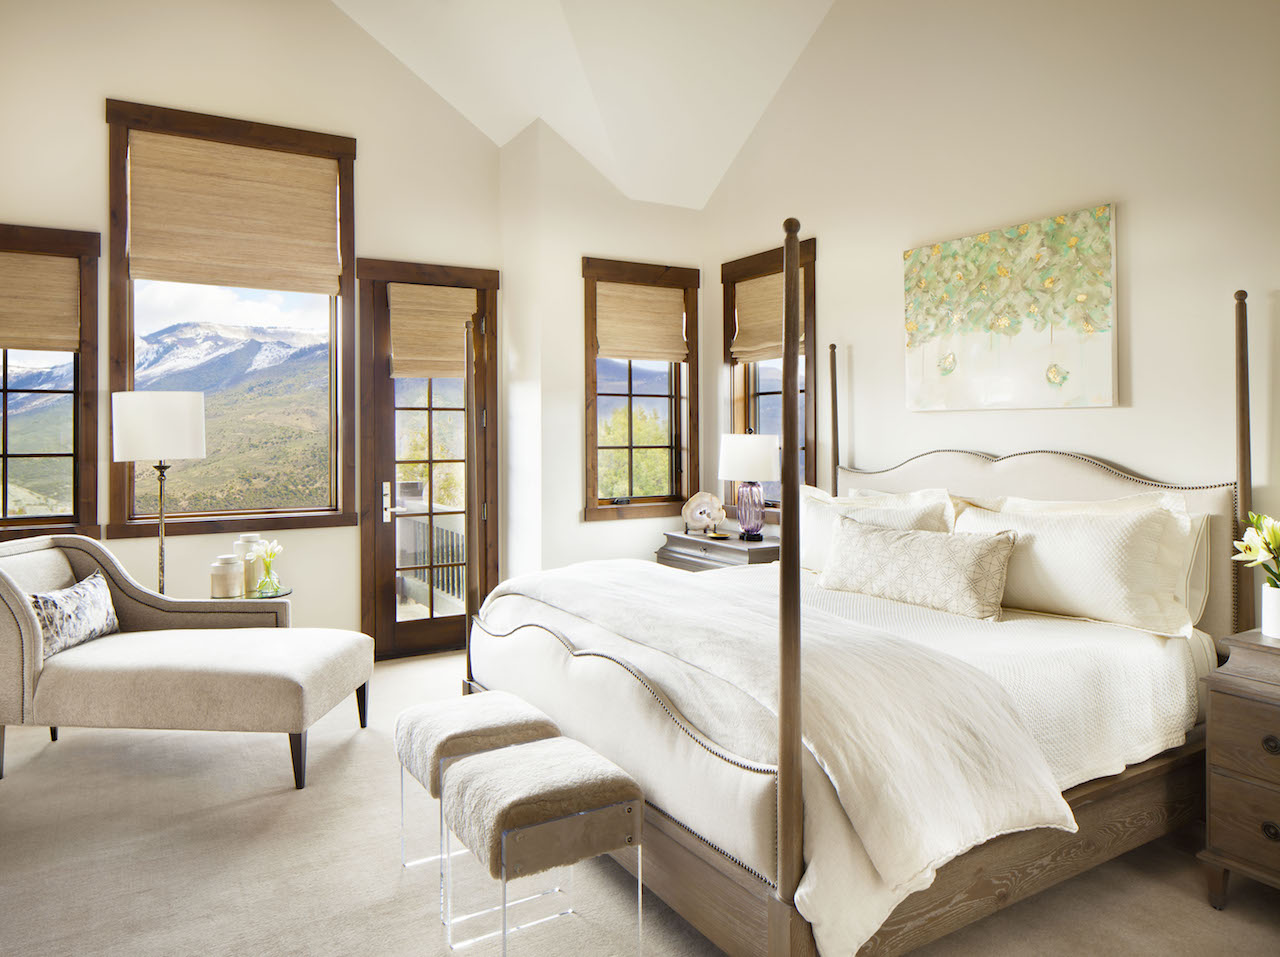 interior-design-bedroom.jpg